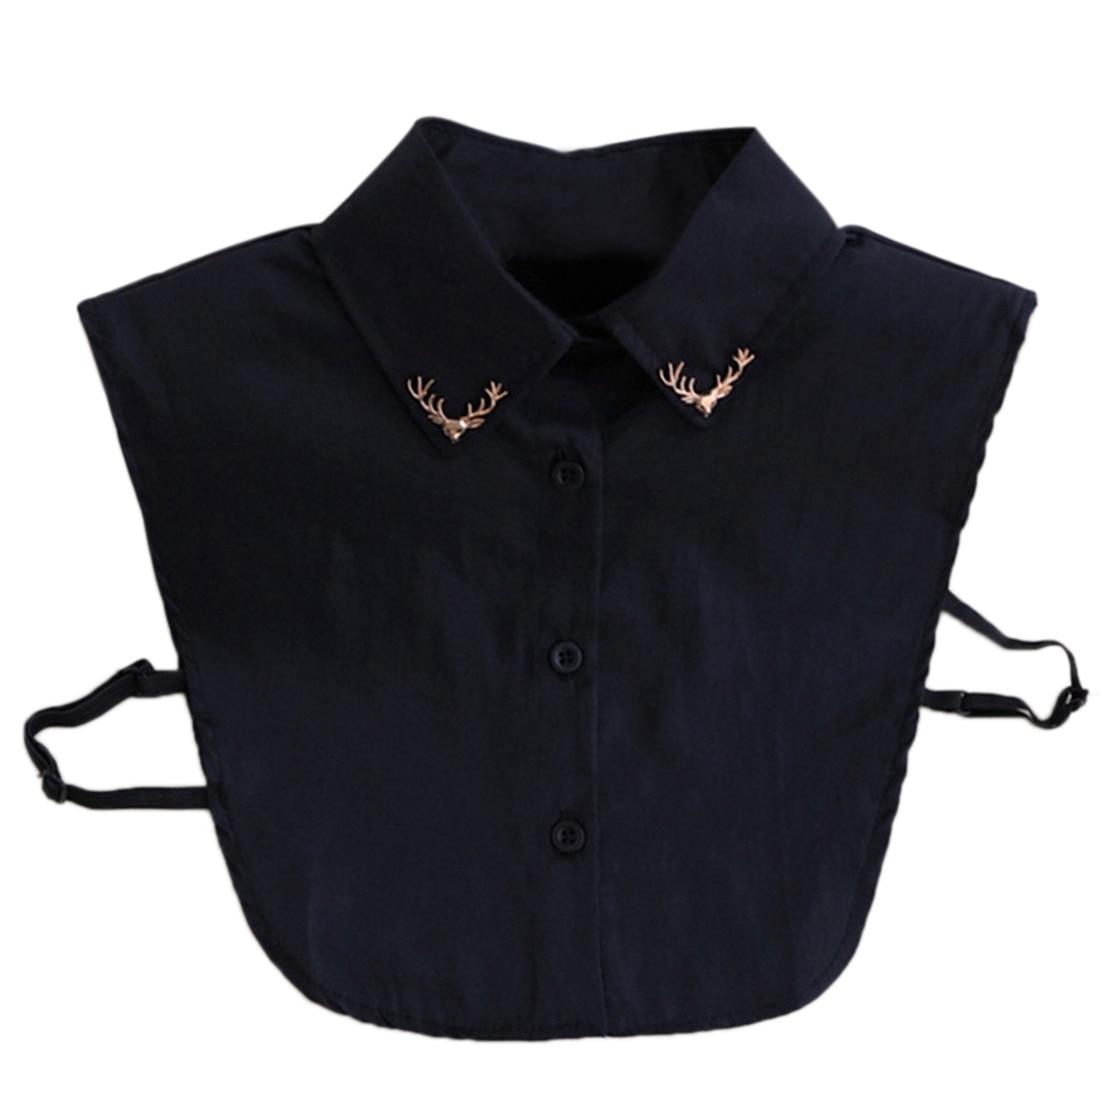 Trui Met Blouse Kraag.Hot Koop Nep Kraag Shirt Metal Fawn Patroon Kleding Trui Blouse